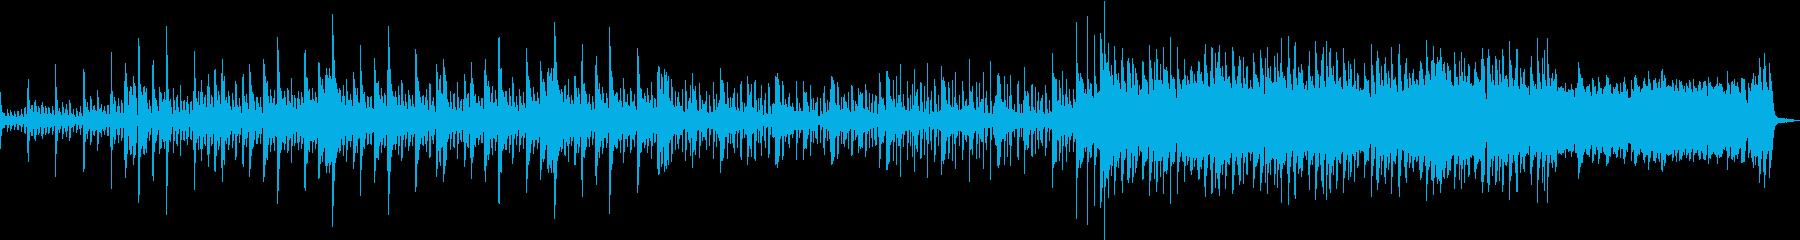 ピアノがメインのバラードの再生済みの波形